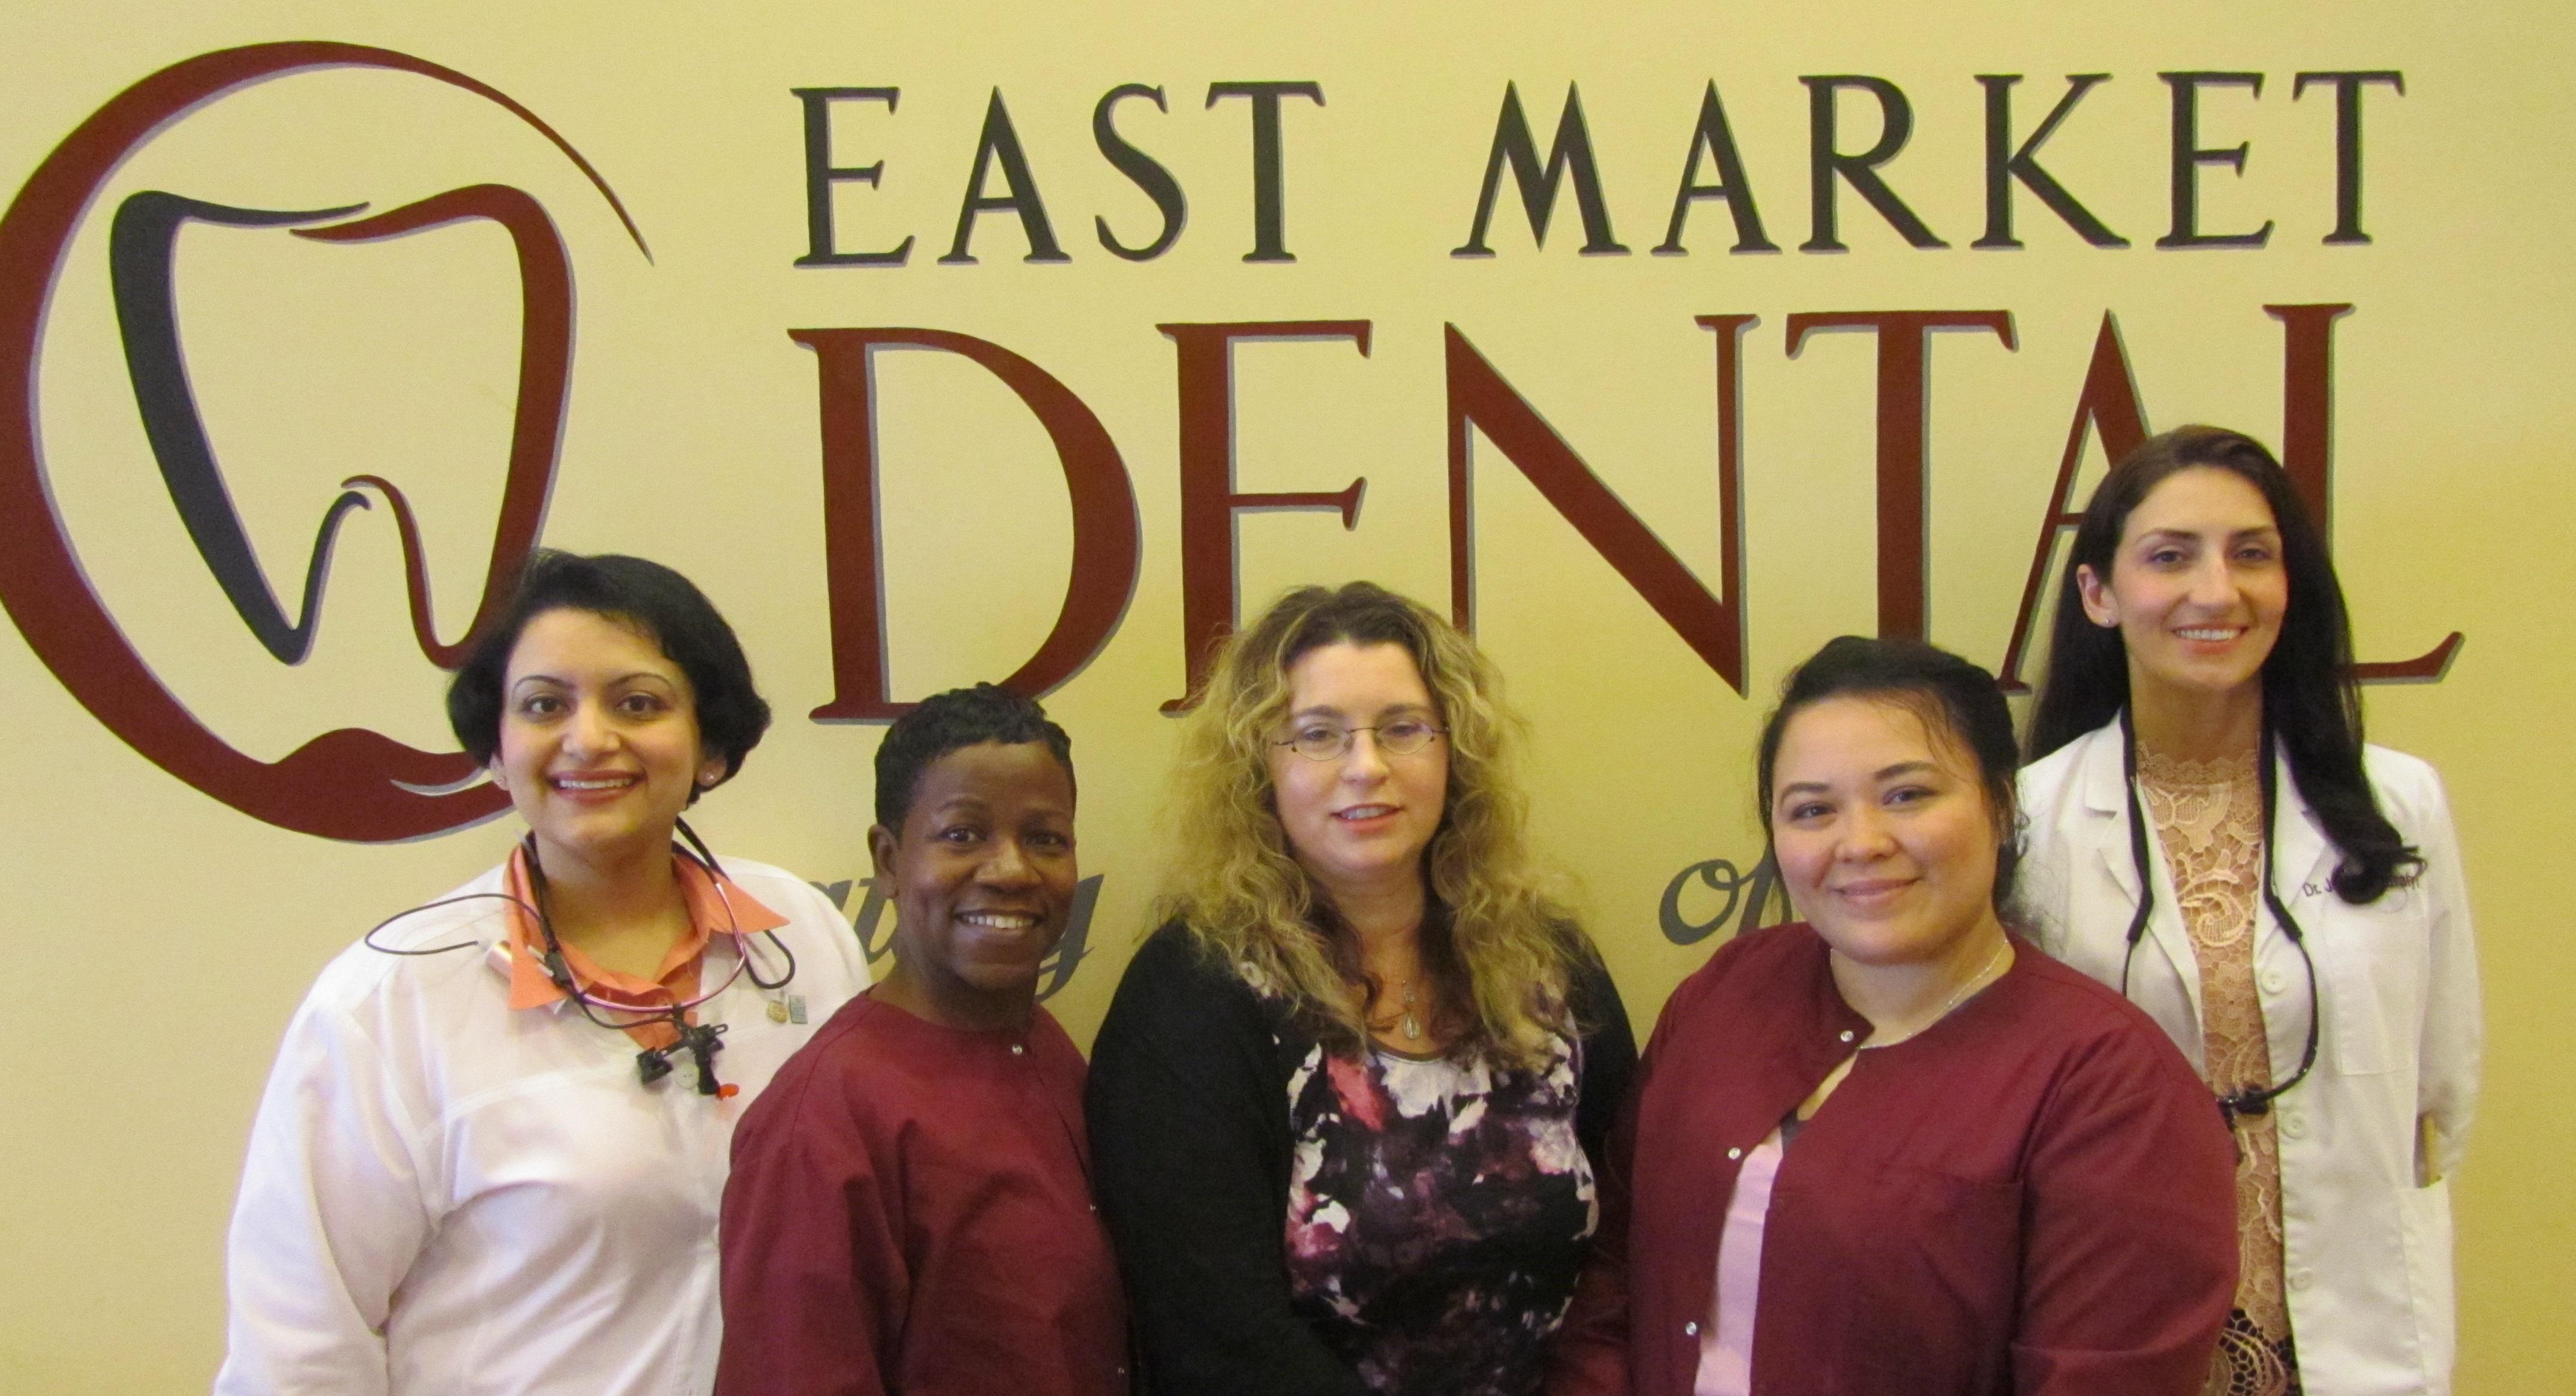 East Market Dental image 10